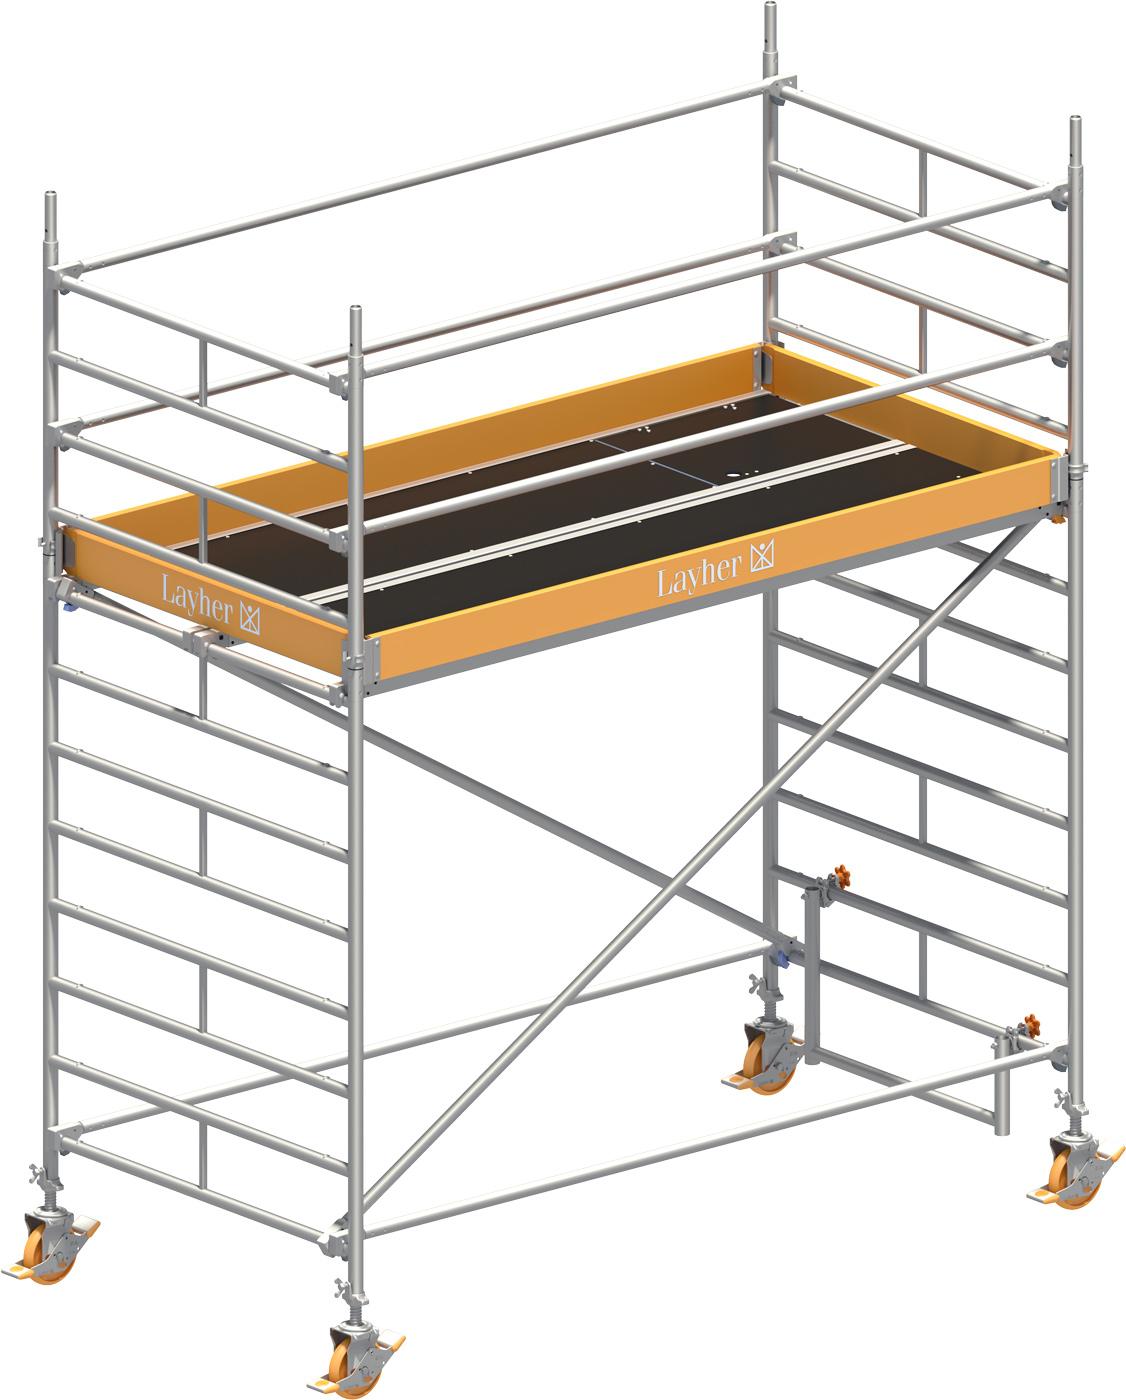 Fahrgerüst Layher Uni Breit 2102 mit Geländer-Optimierung